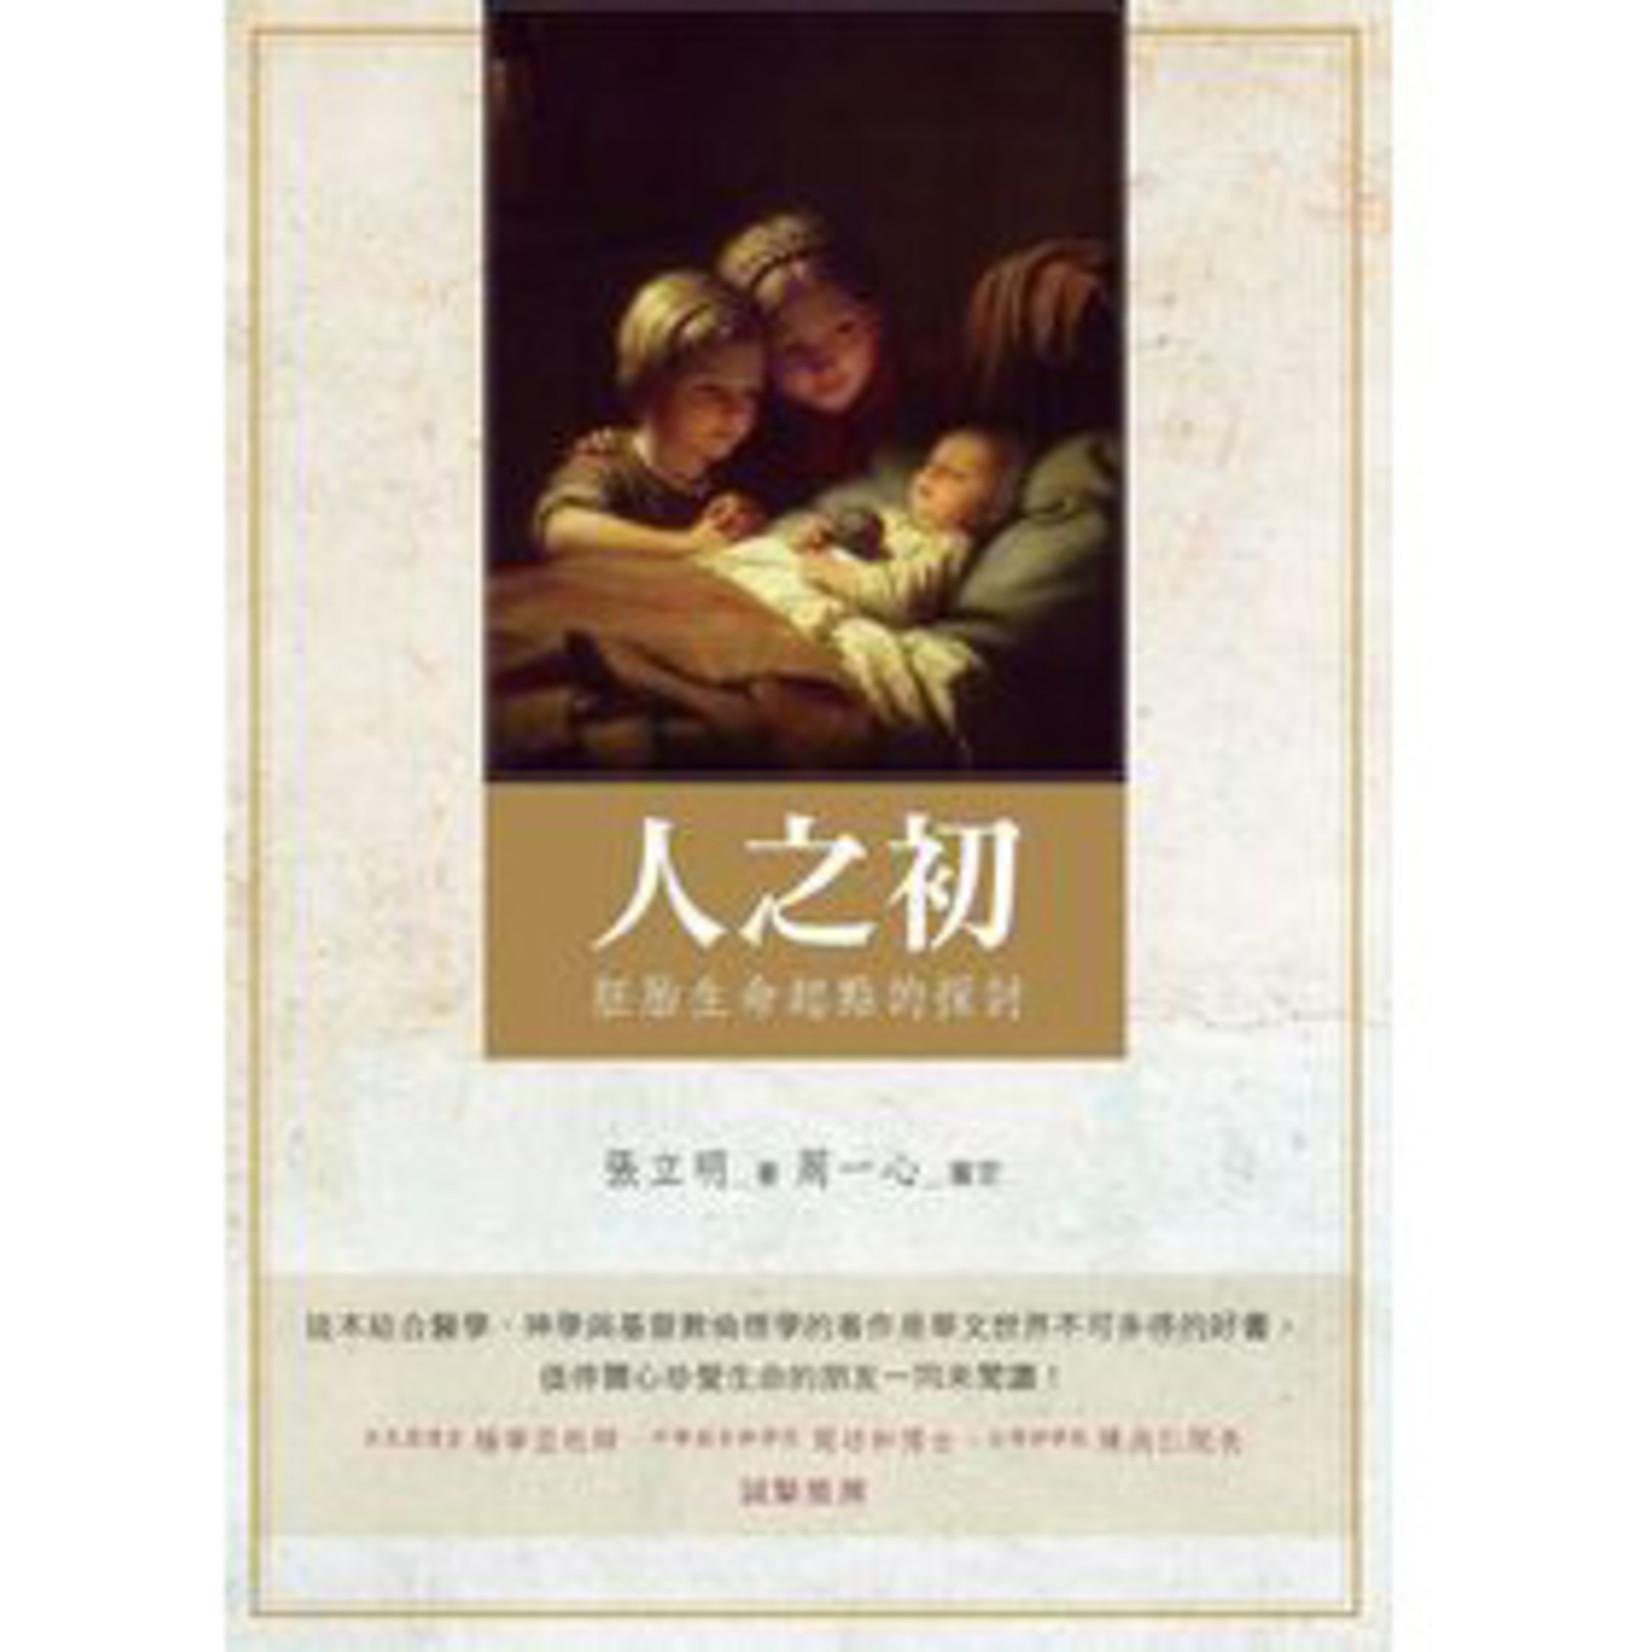 中華福音神學院 China Evangelical Seminary 人之初:胚胎生命起點的探討